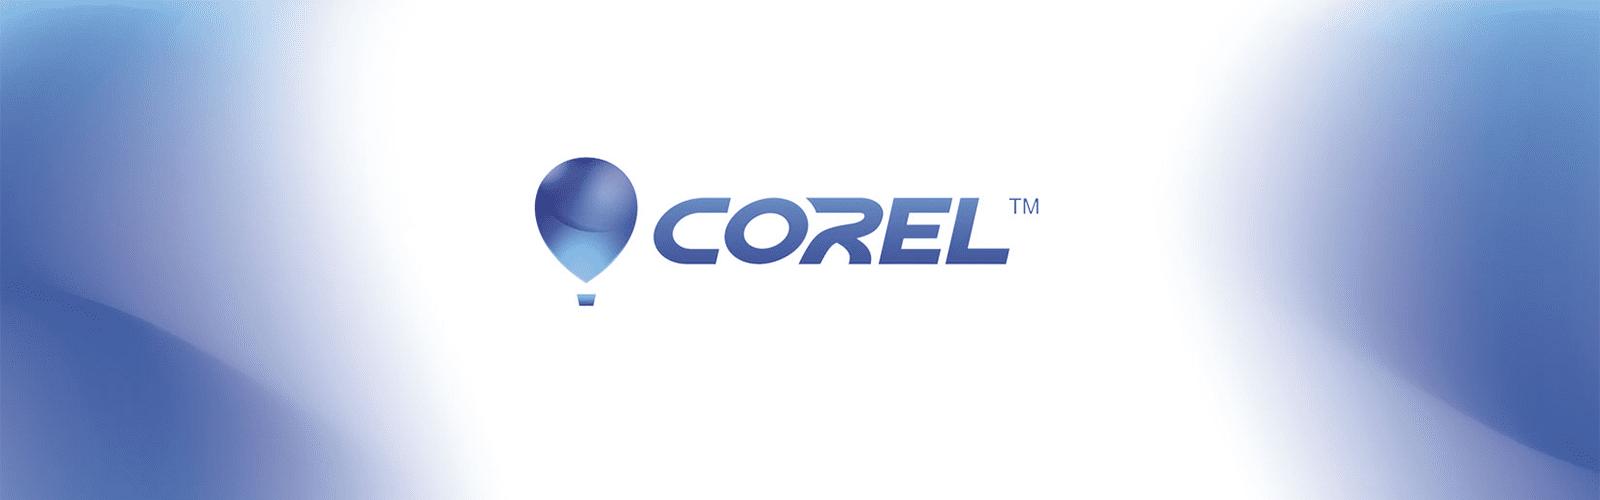 Corel-Licencias-Venta-Suscripciones-México